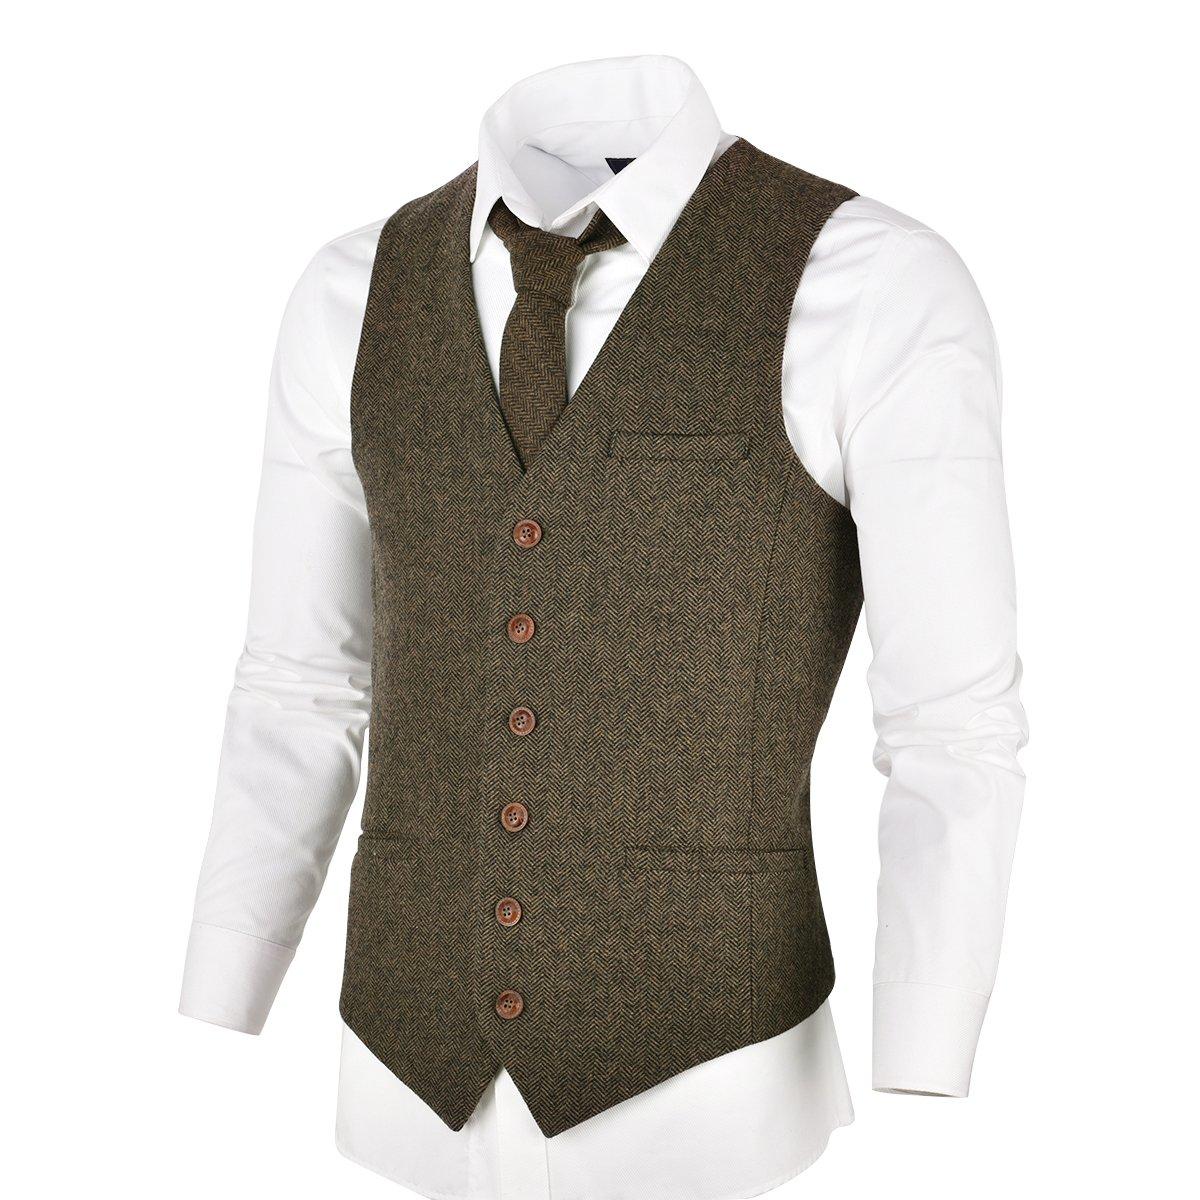 VOBOOM Men's Slim Fit Herringbone Tweed Suits Vest Premium Wool Blend Waistcoat (Khaki, S)